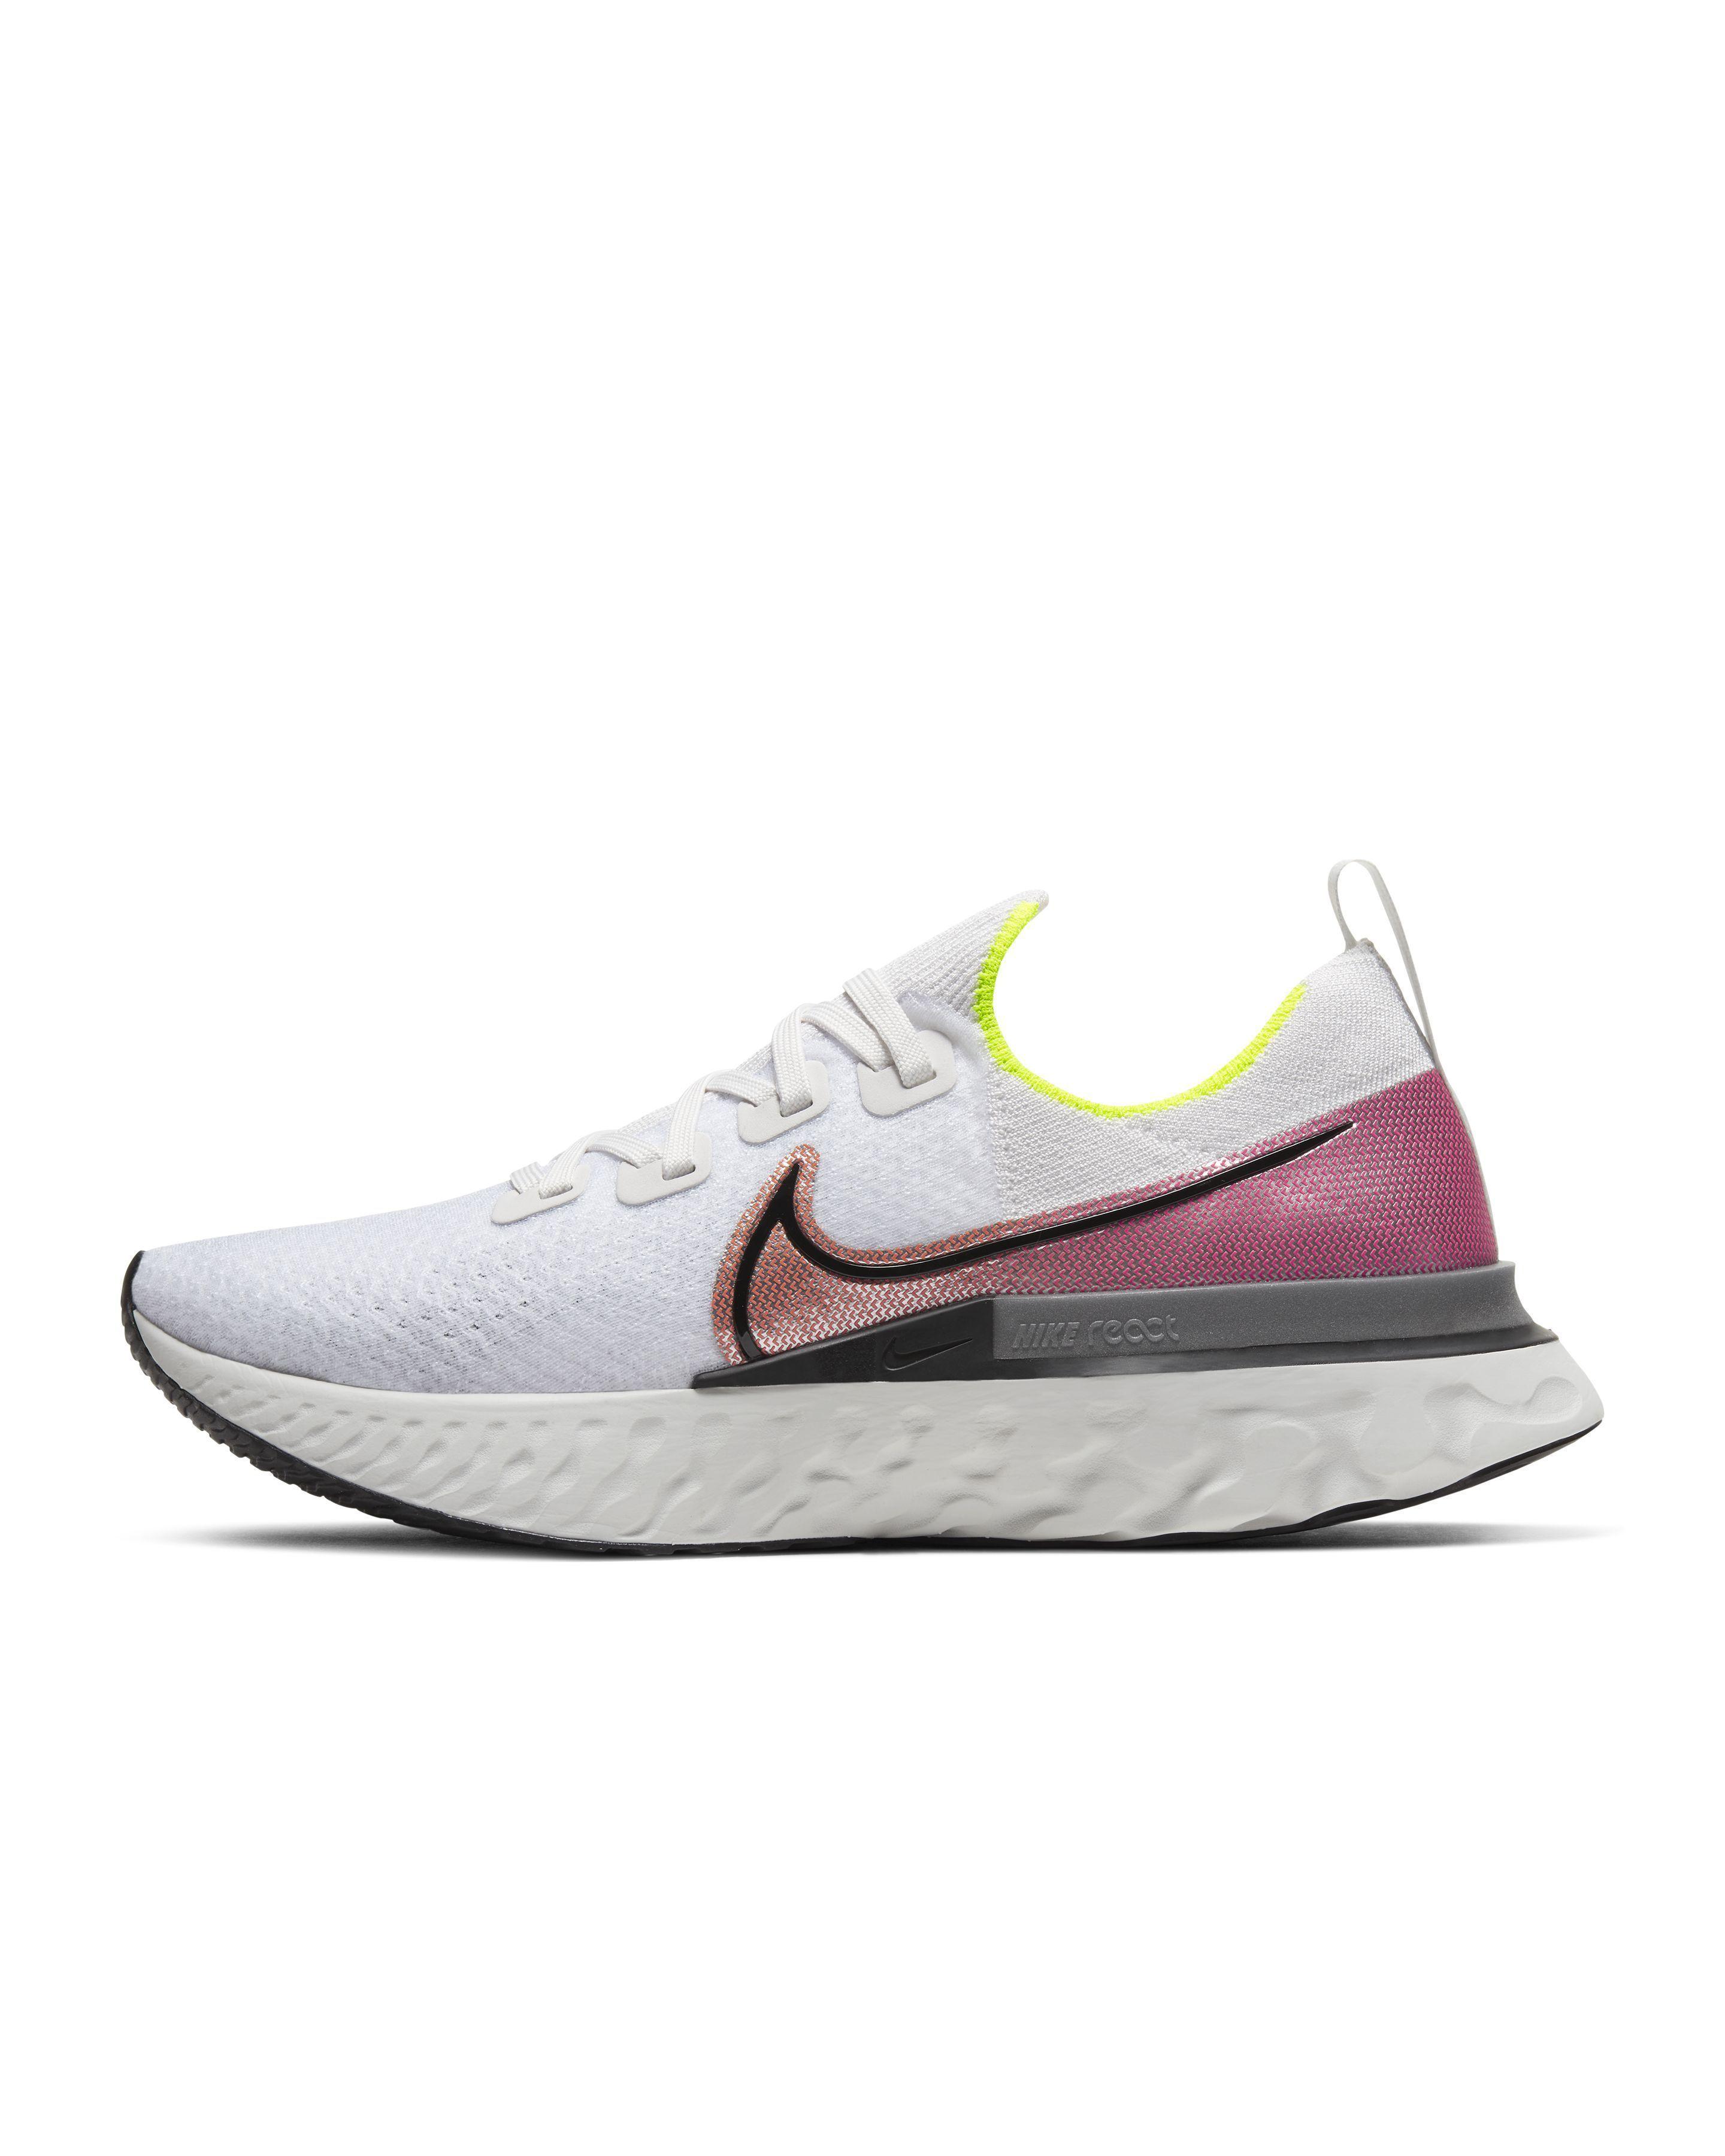 Admisión luz de sol De confianza  Nike React Infinity Run Review – Shoes For Injury Prevention